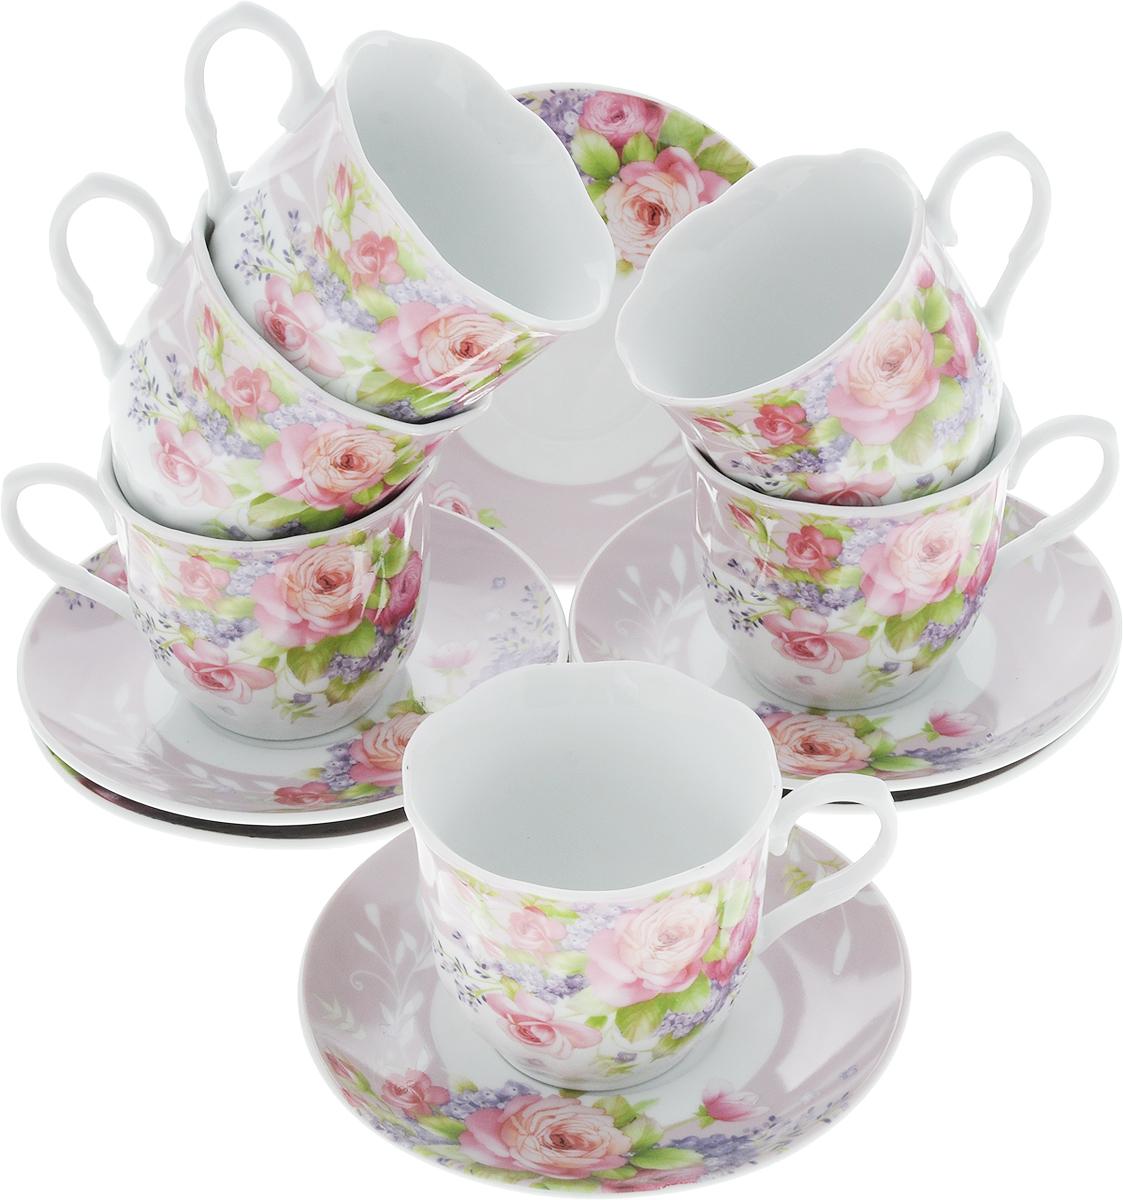 Чайный сервиз Loraine Цветы, 220 мл, 12 предметов. 25910 чайный сервиз loraine 200 мл 12 предметов 25931